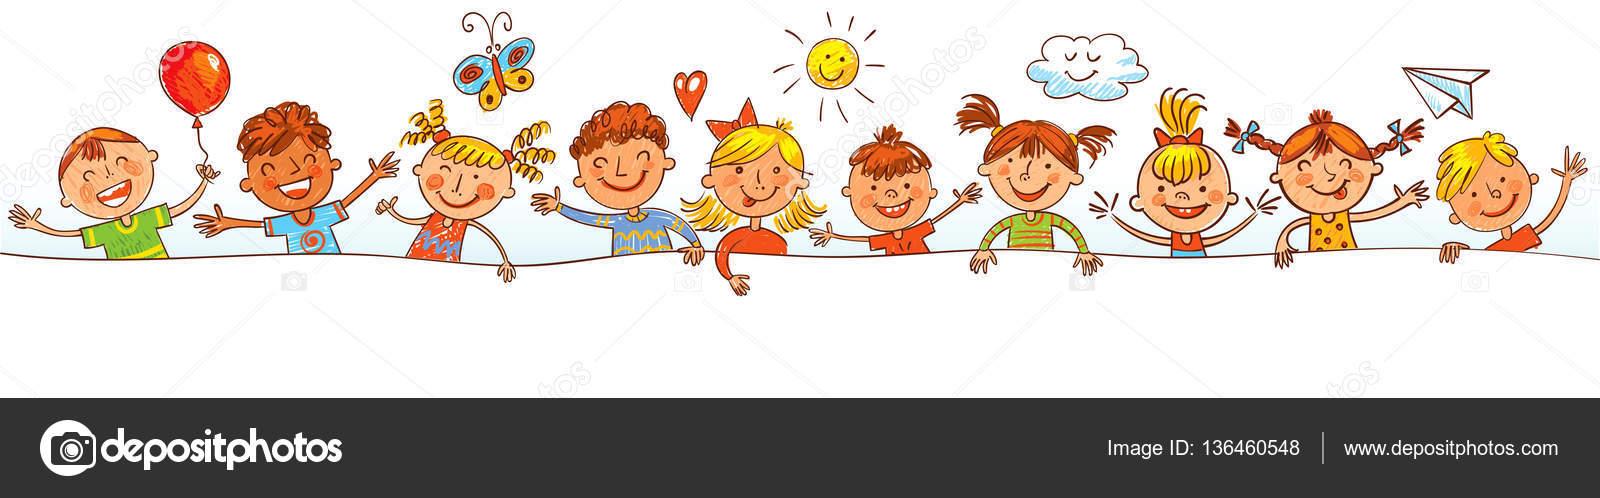 Groupe d enfants avec blanc dessin comme des enfants image vectorielle kharlamova lv 136460548 - Dessin groupe d enfants ...